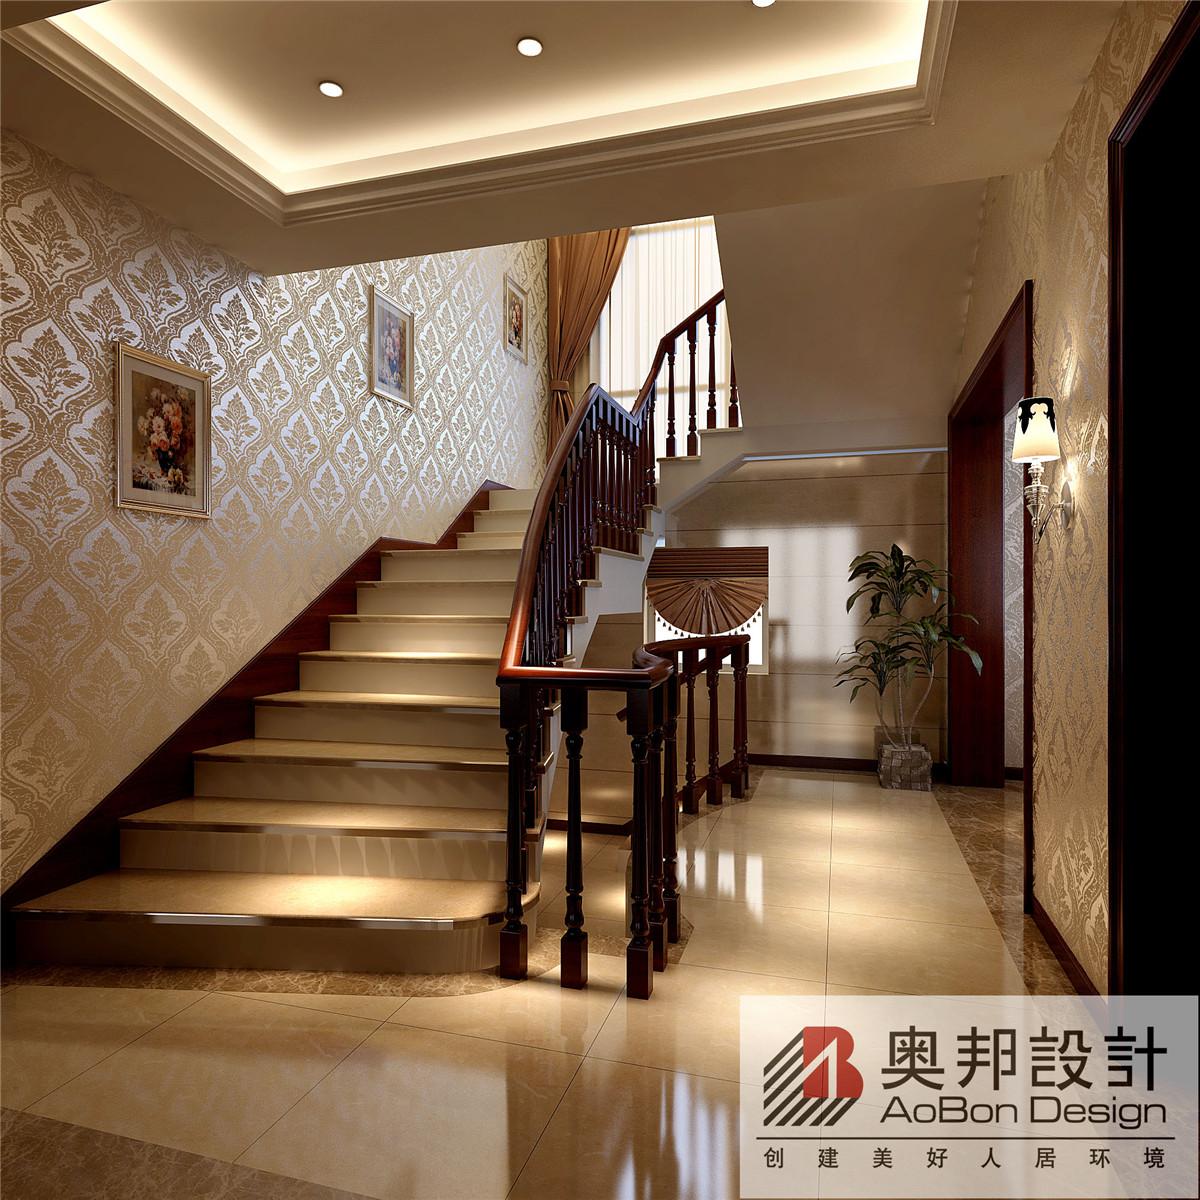 欧式 简约 别墅 奥邦装饰 新华苑 别墅装修 玄关图片来自上海奥邦装饰在上海新华苑现代欧式风格设计的分享